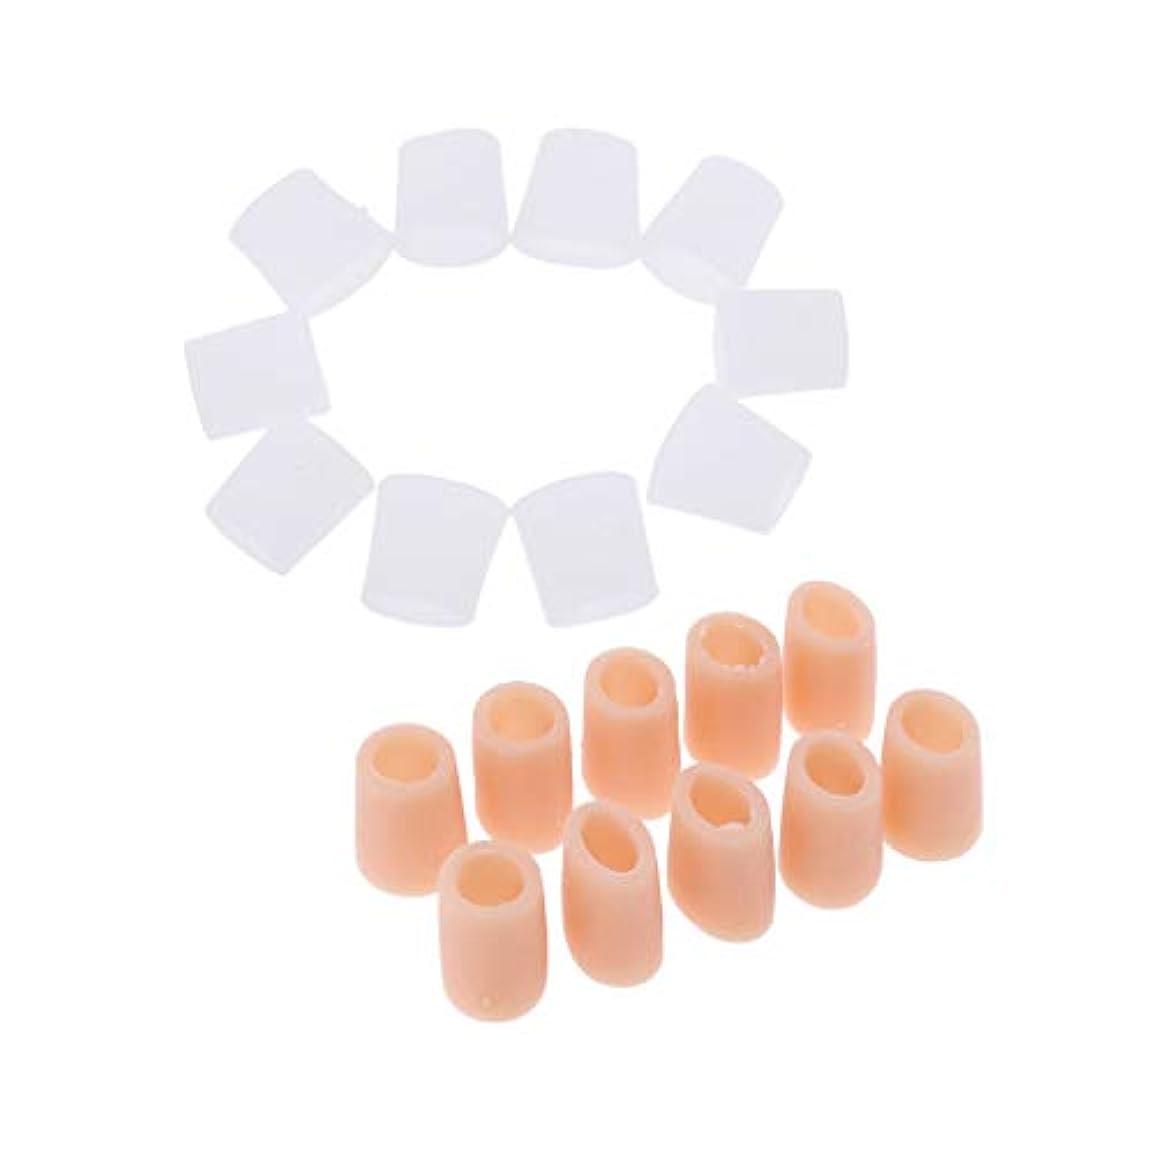 突進図疲労Perfeclan 10ペア シリコン 足指のプロテクター トゥプロテクター フットケア